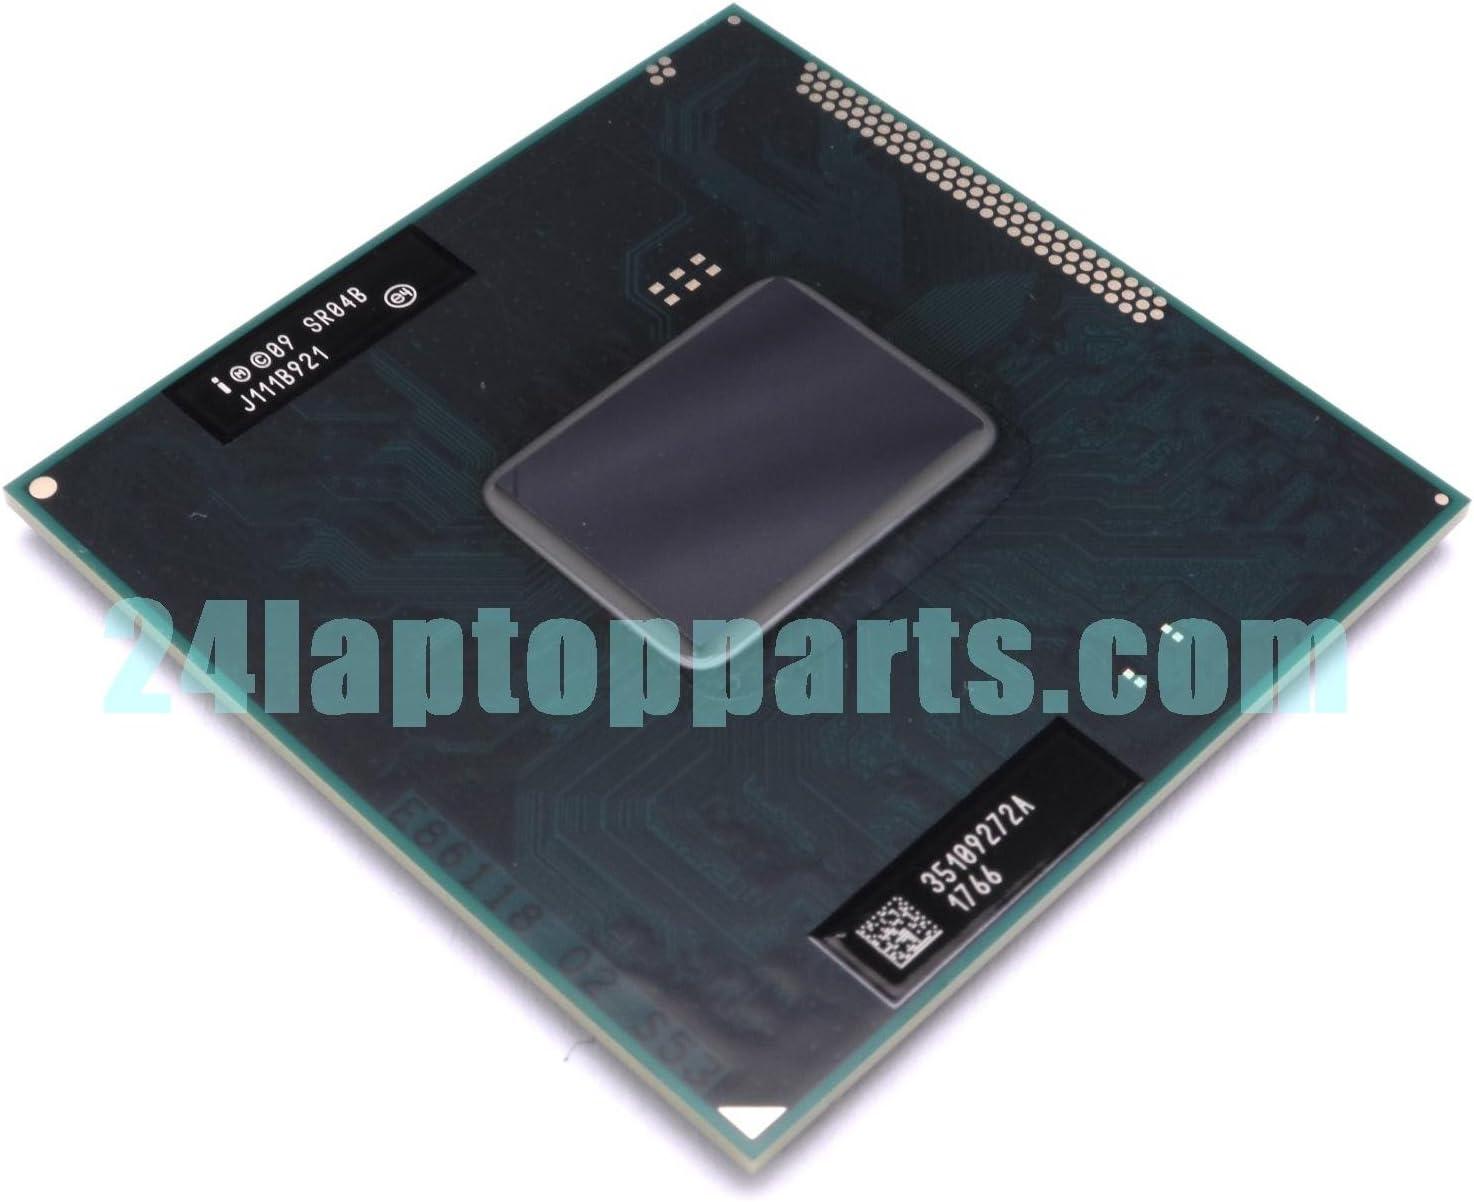 Intel Core i5-2410M 2.3ghz 3MB cache Genuine SR04B CPU processor